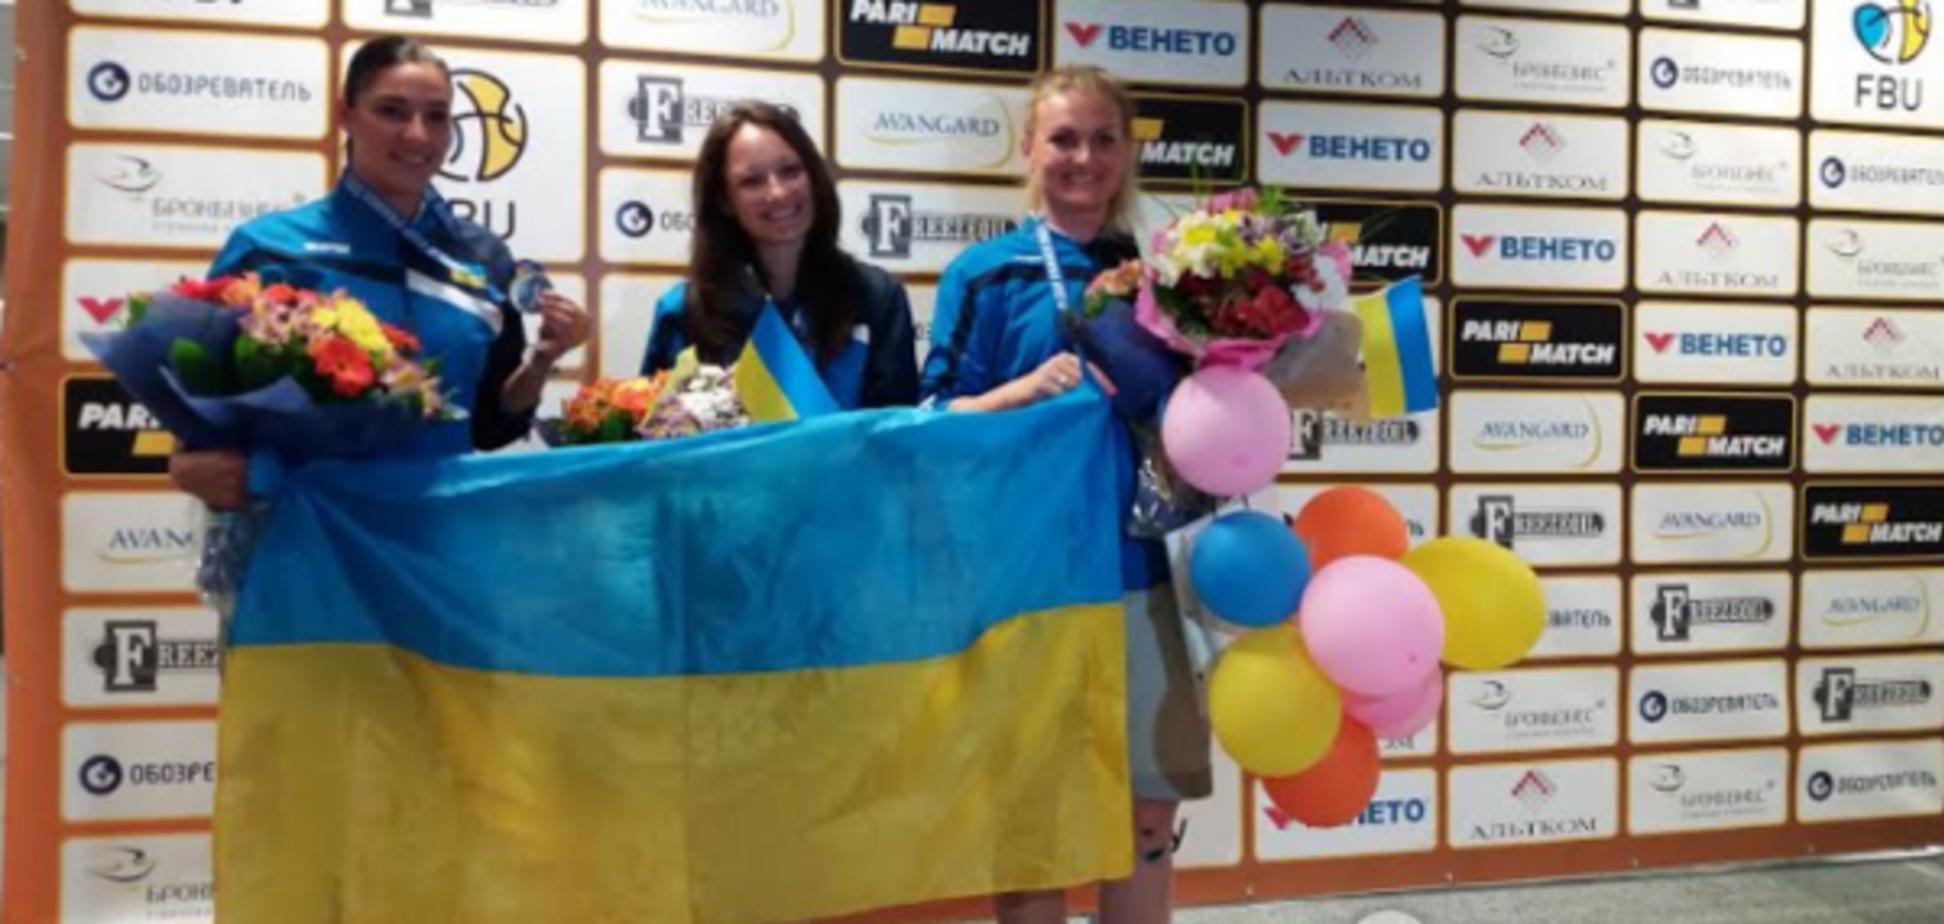 Гордість України: призерки Кубка світу з баскетболу 3х3 повернулися додому